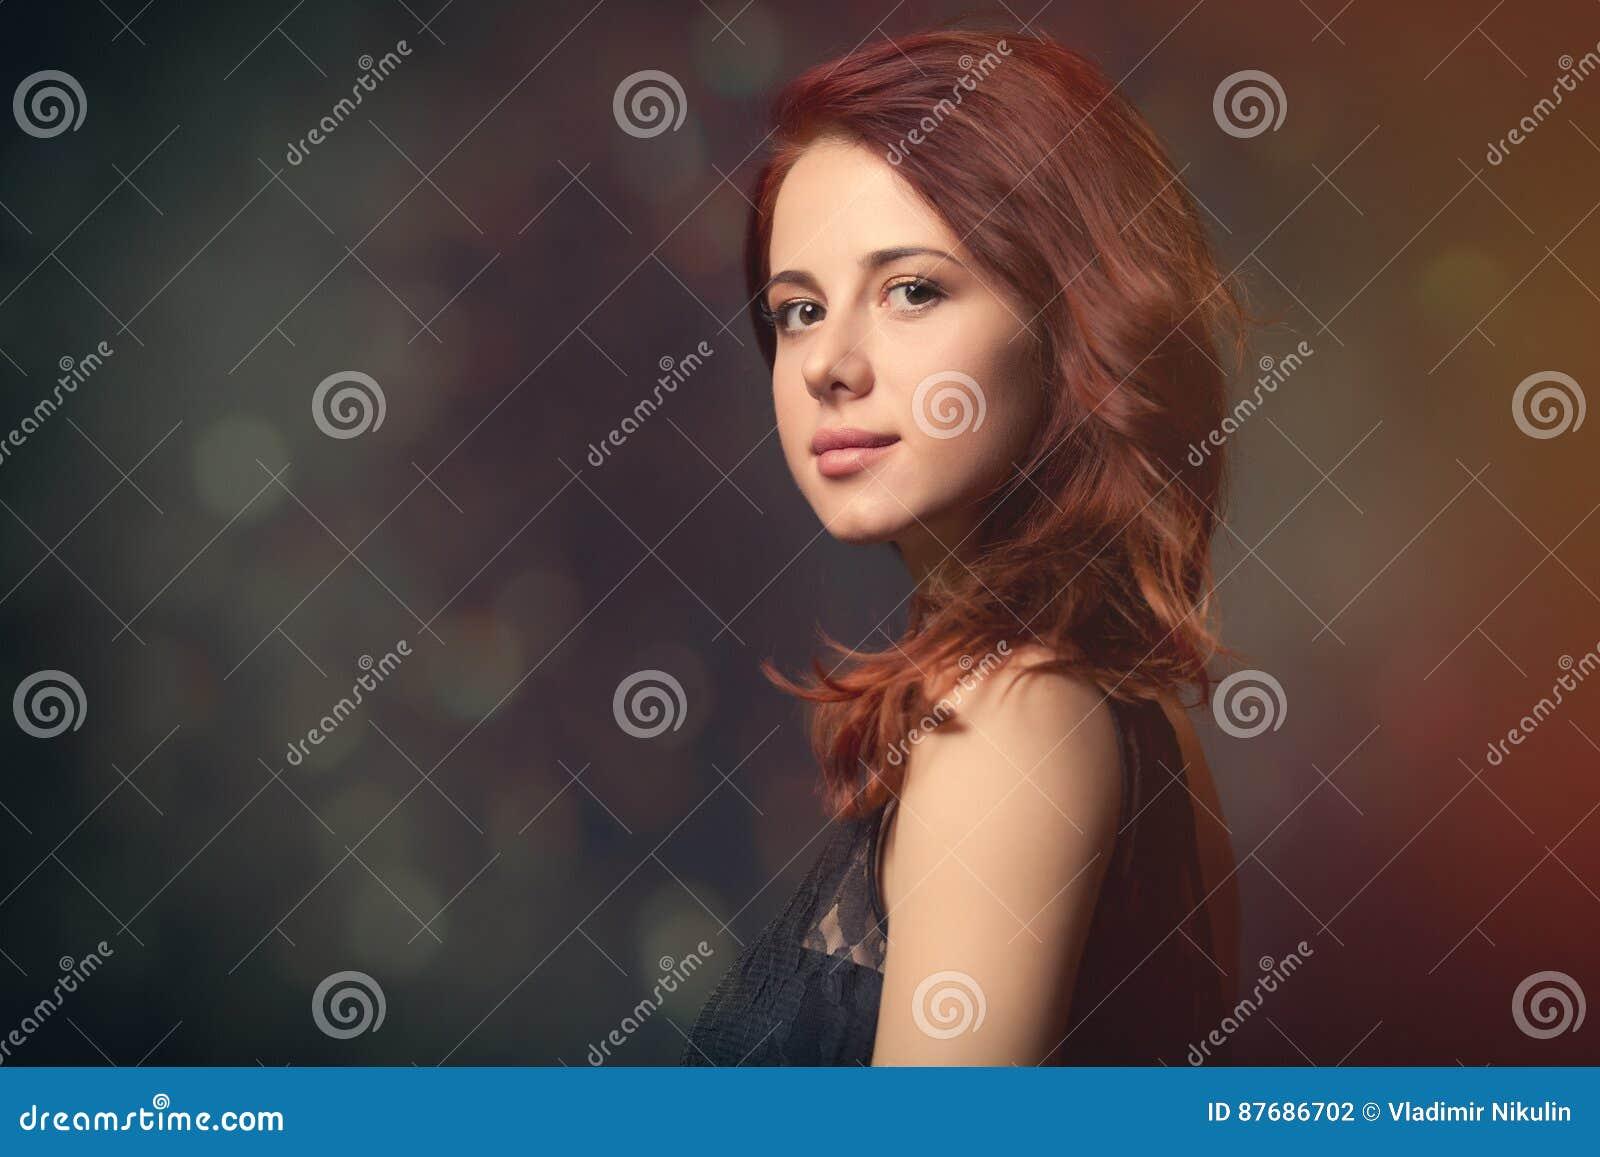 чудесные фотографии красивых женщин